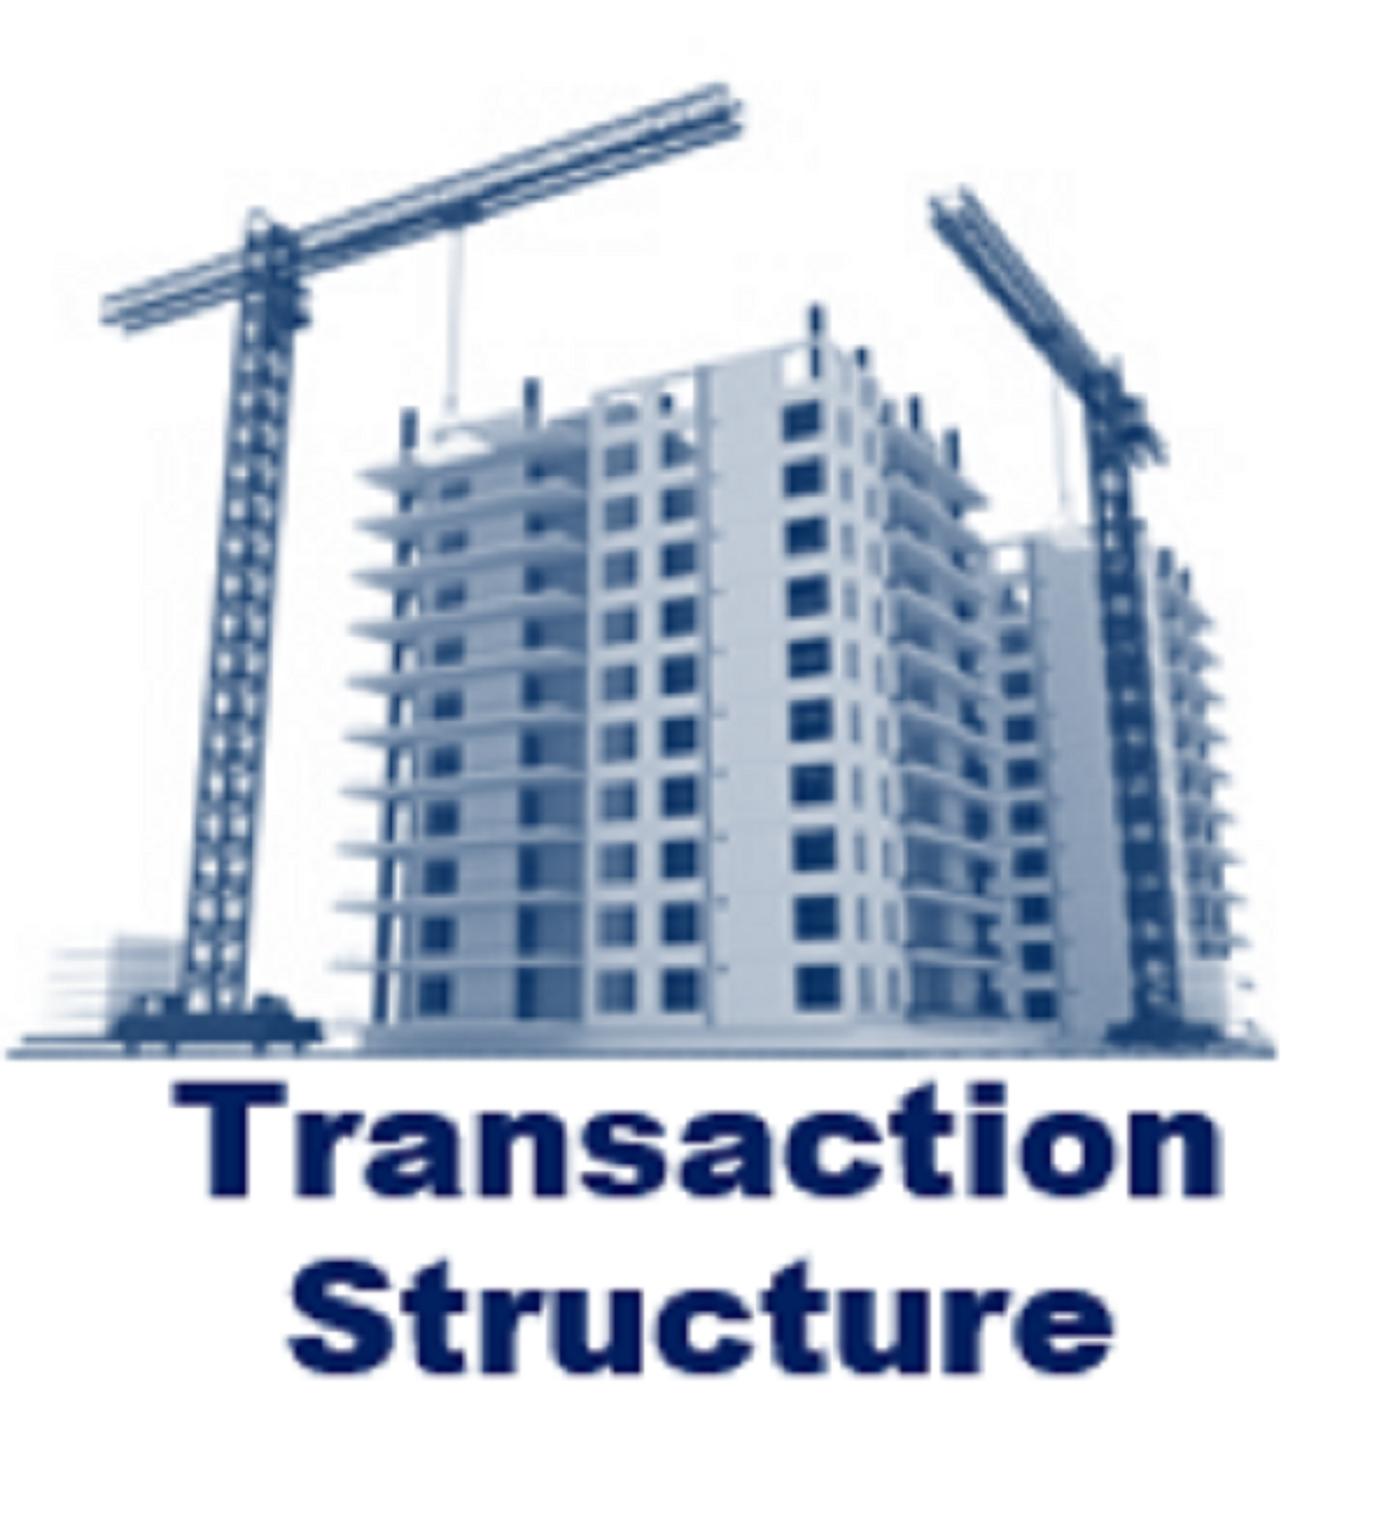 Deal Structures: Asset Sale vs Stock Sale